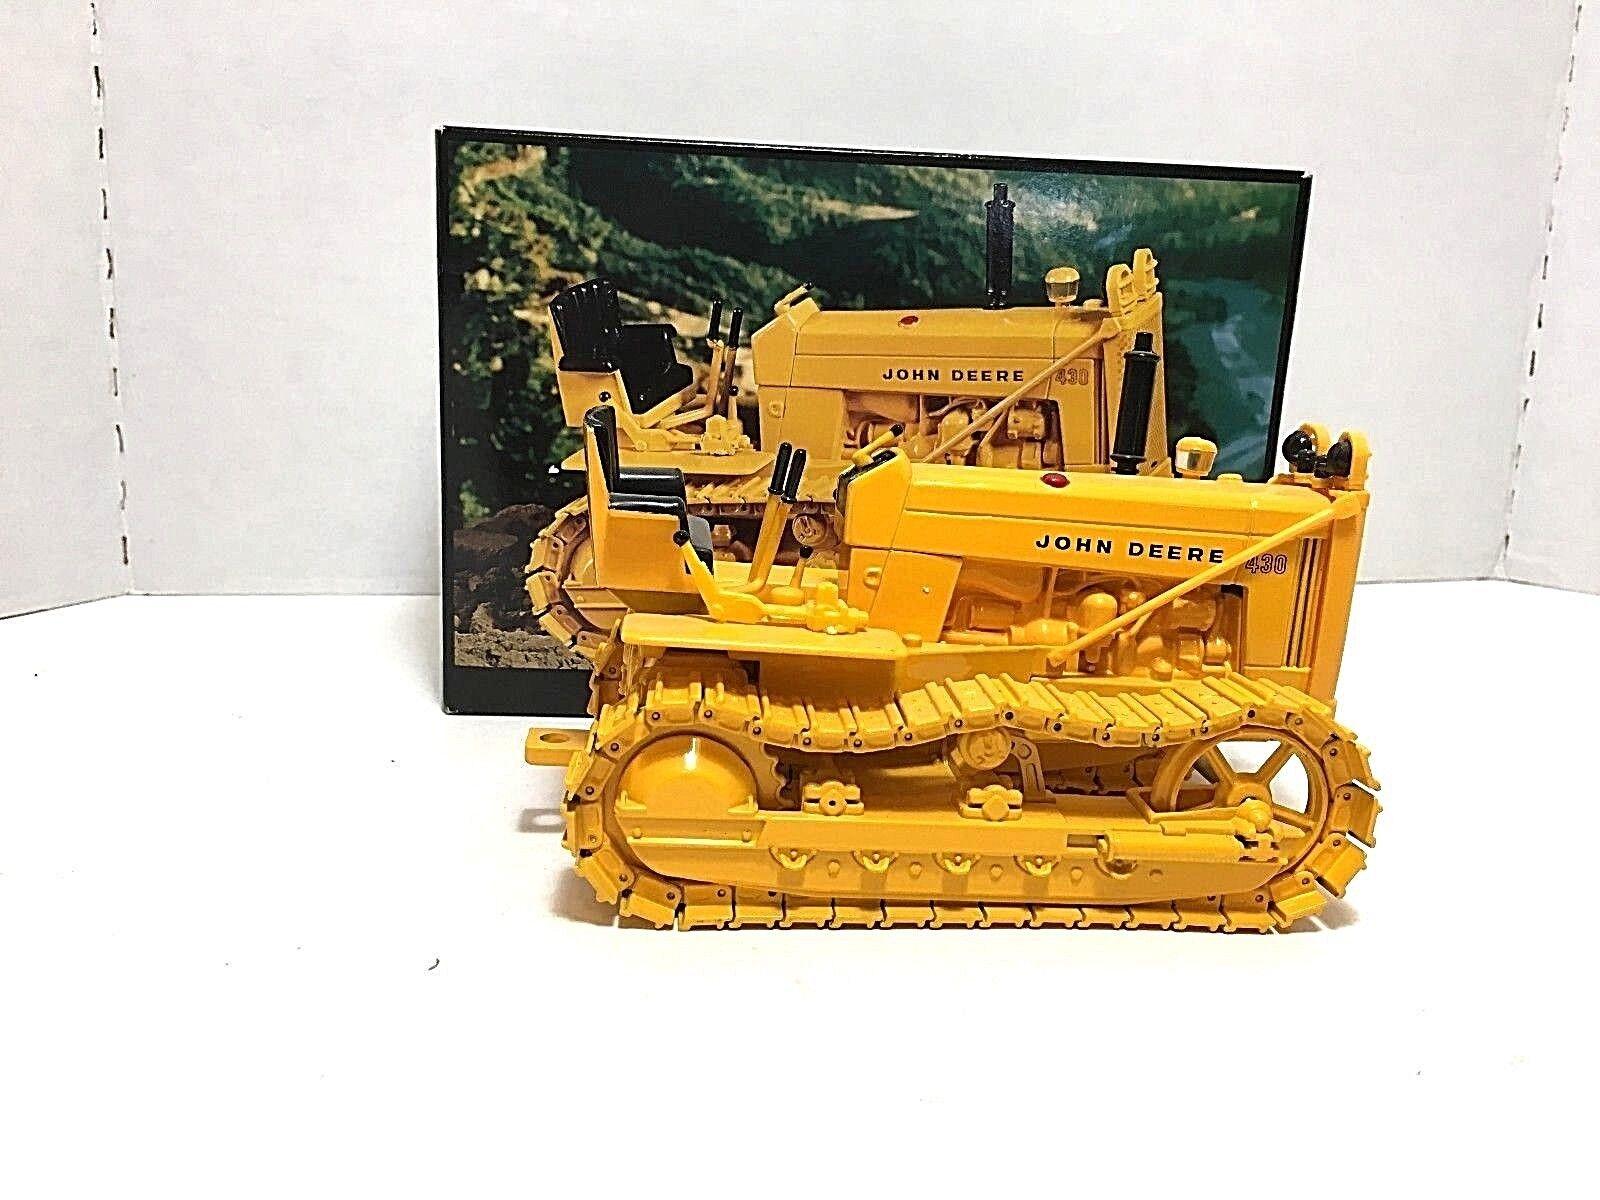 1997 ERTL  JOHN DEERE 430 CRAWLER  Die-cast métal échelle 1 16